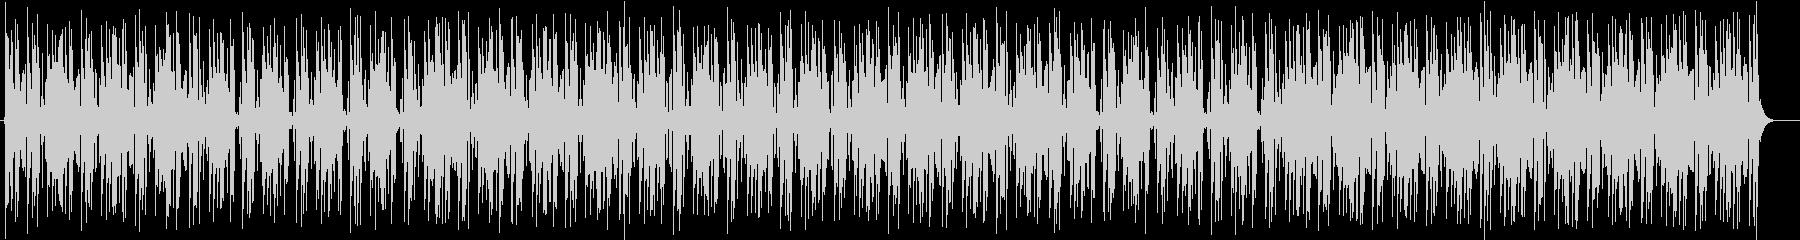 軽やかで涼しげなシンセサイザーサウンドの未再生の波形